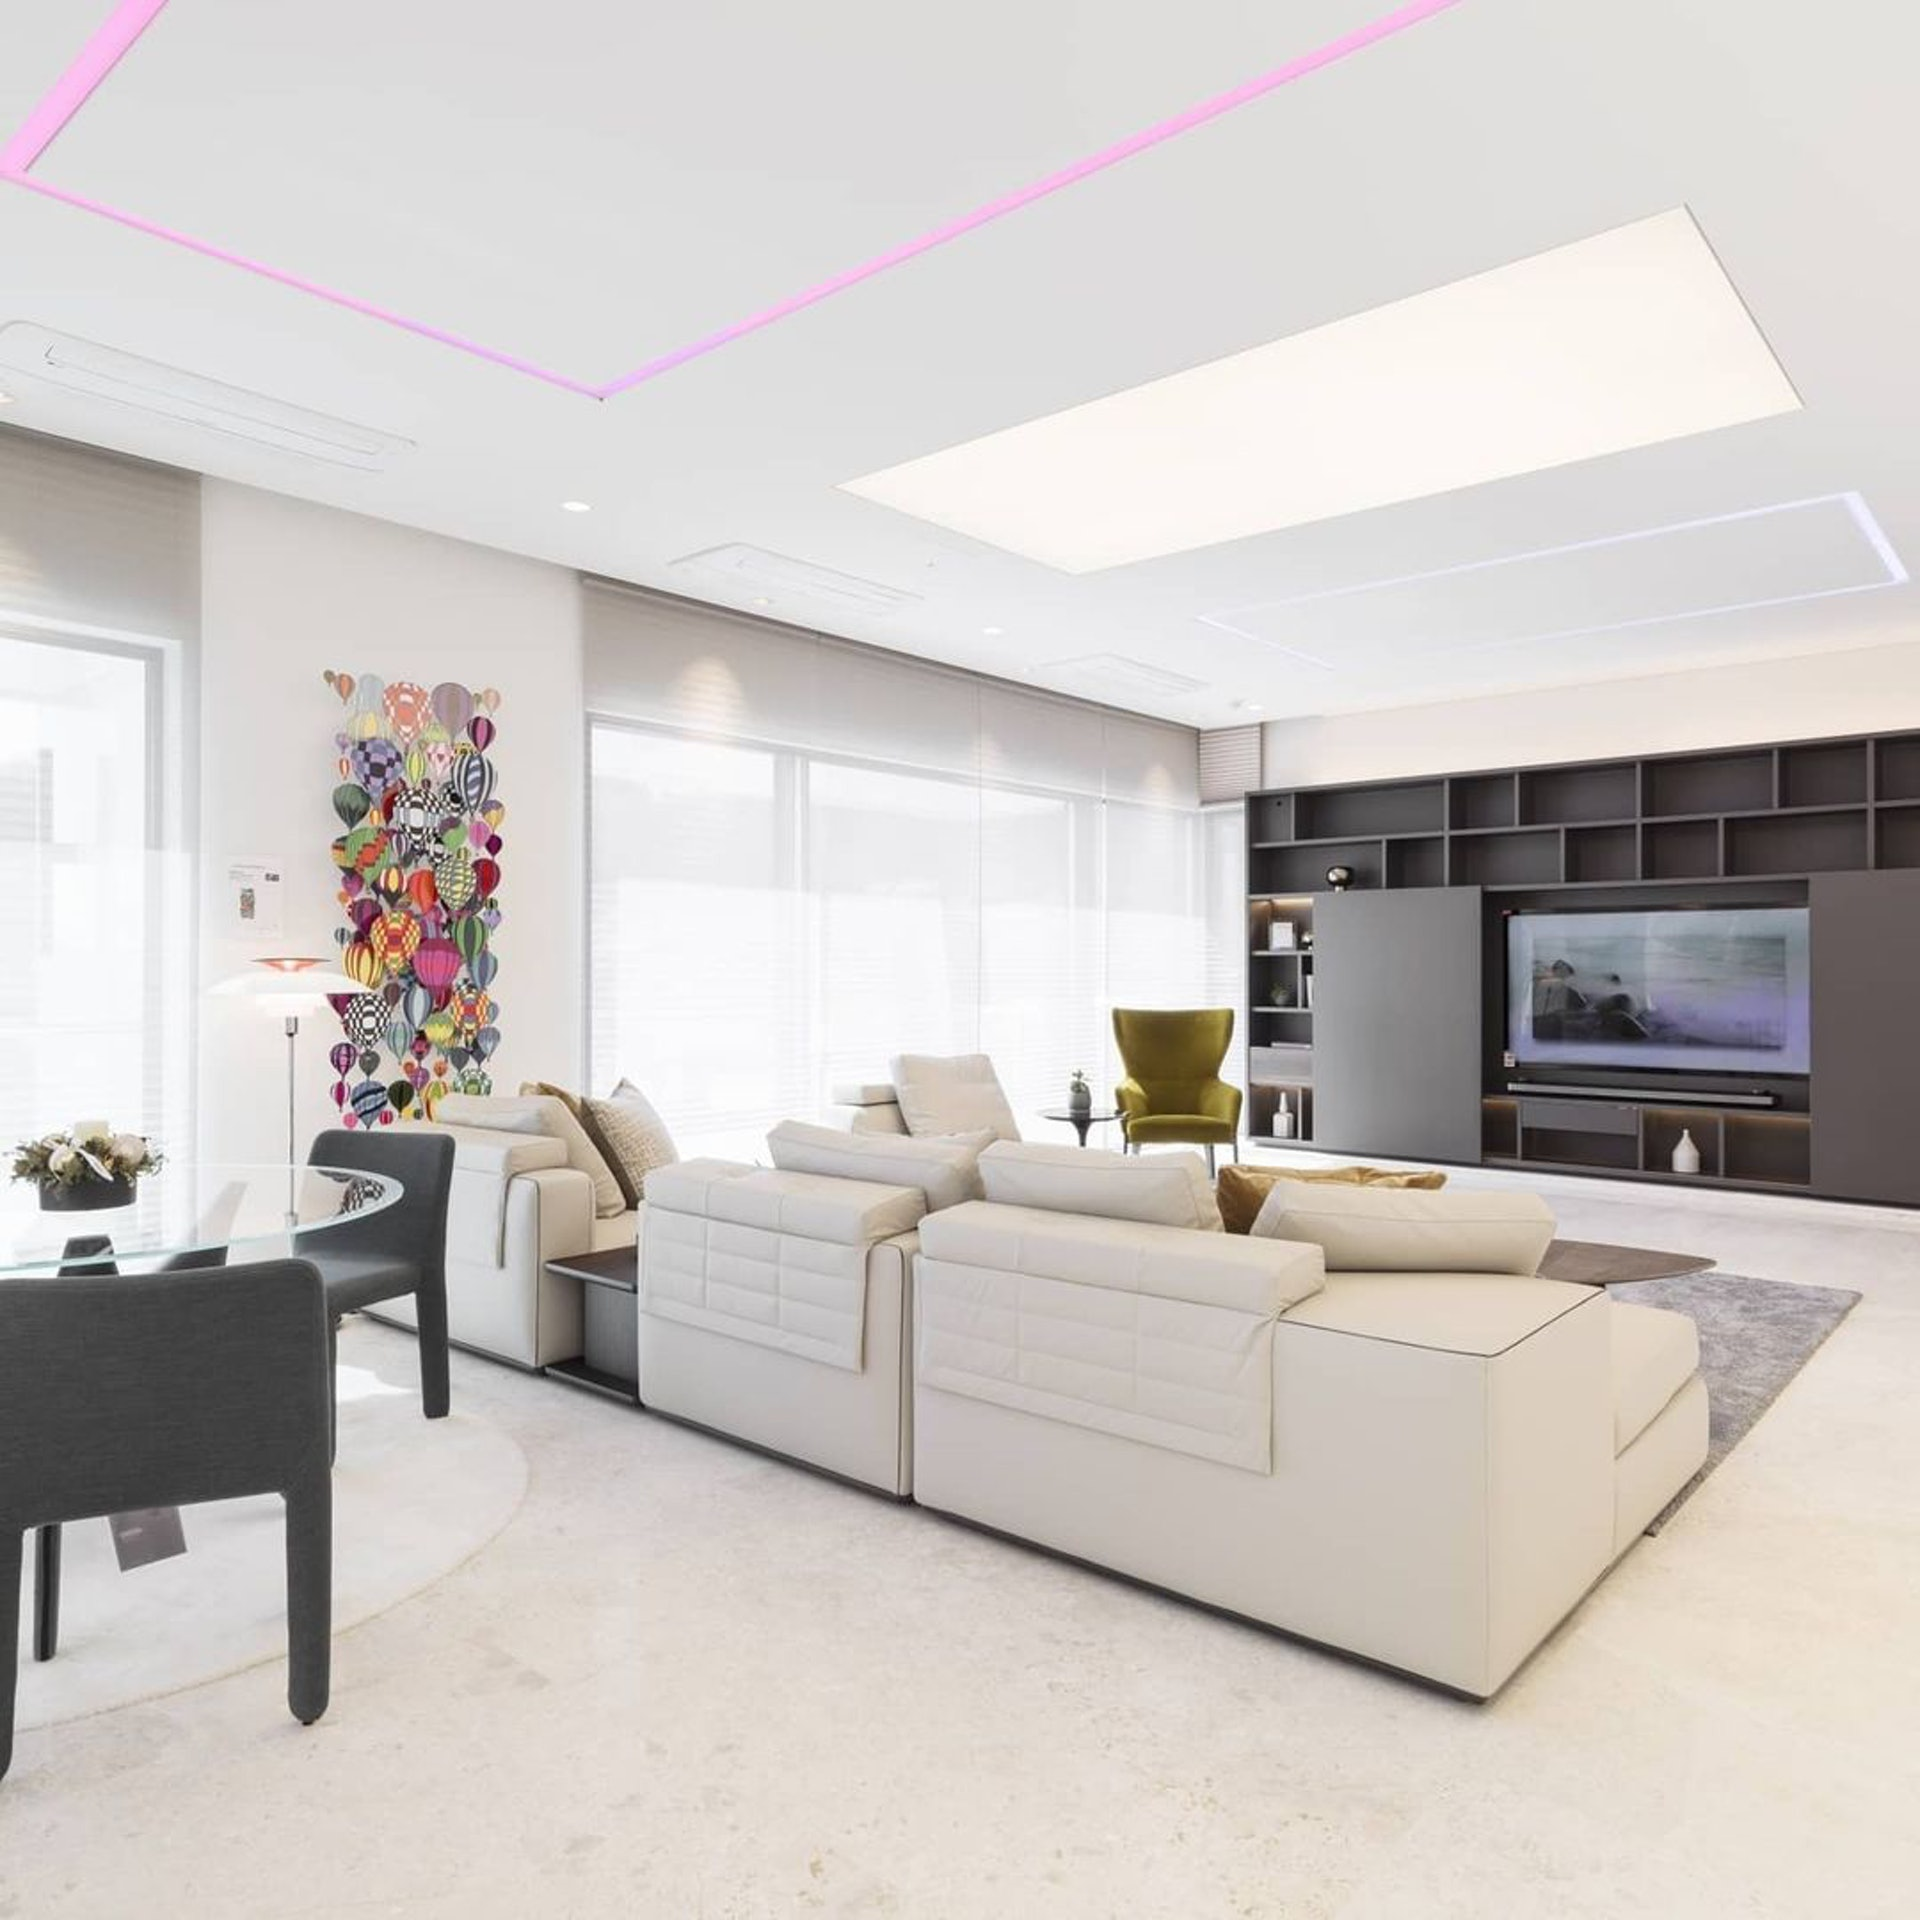 Penthouse mới giá gần 100 tỷ của Hyun Bin gây choáng ngợp vì độ sang chảnh - Ảnh 7.